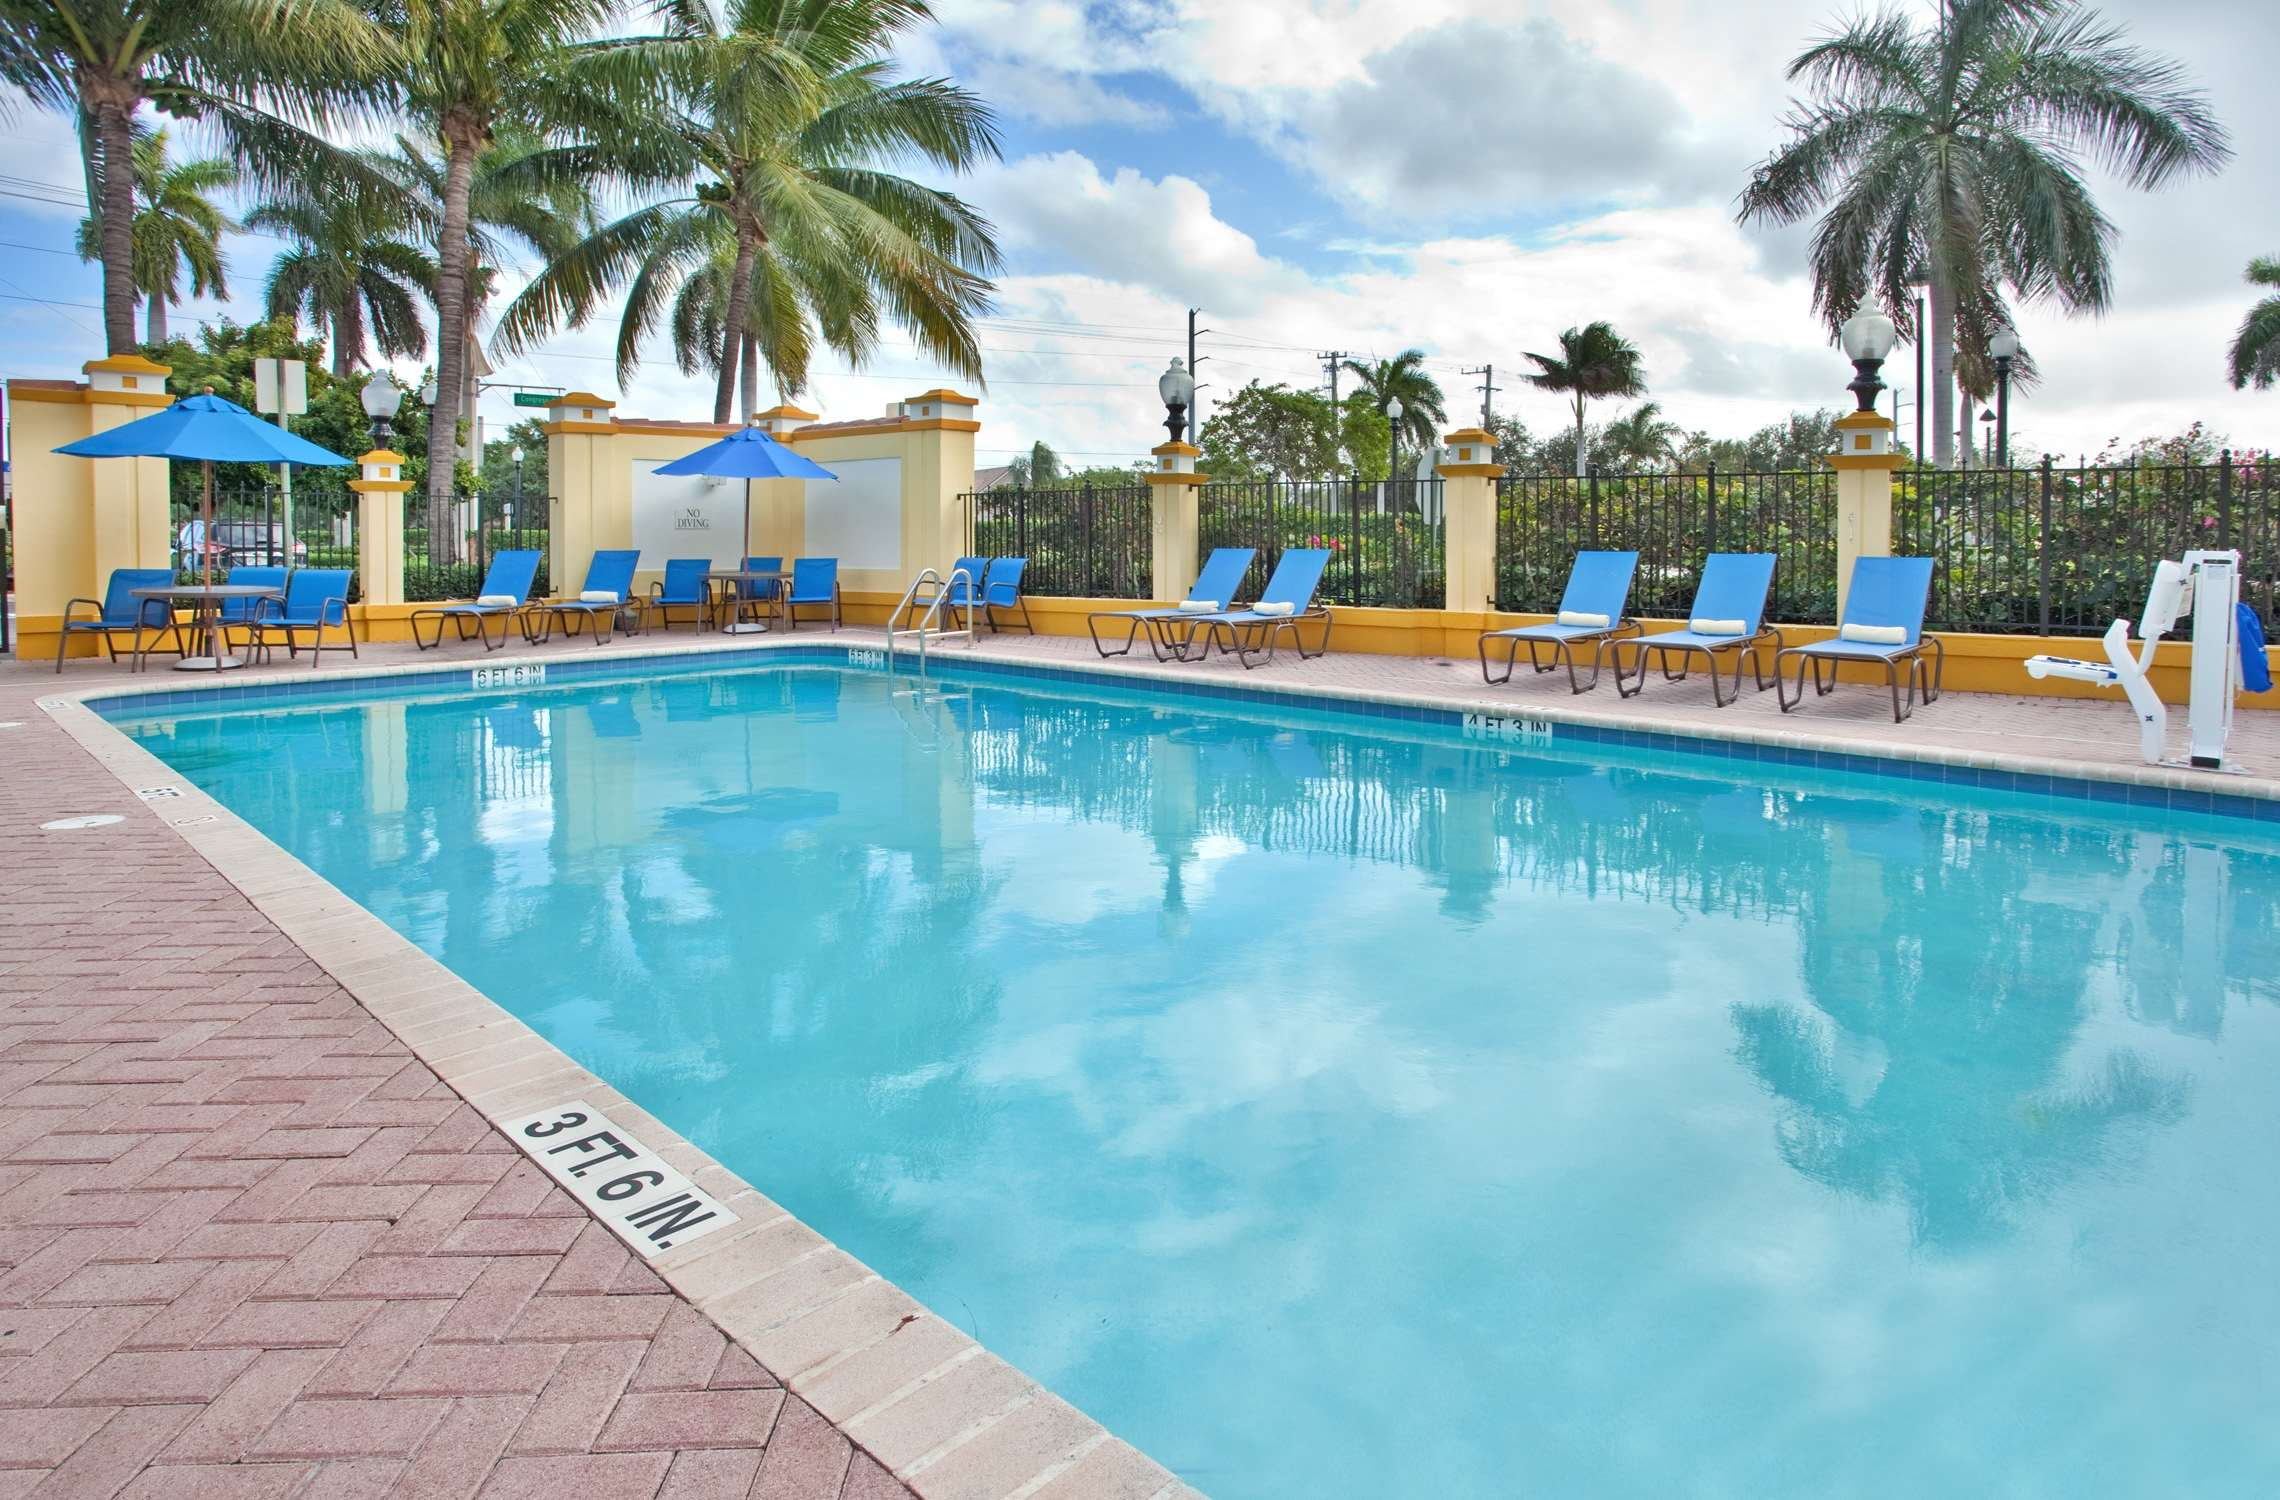 Hilton Garden Inn Boca Raton image 10